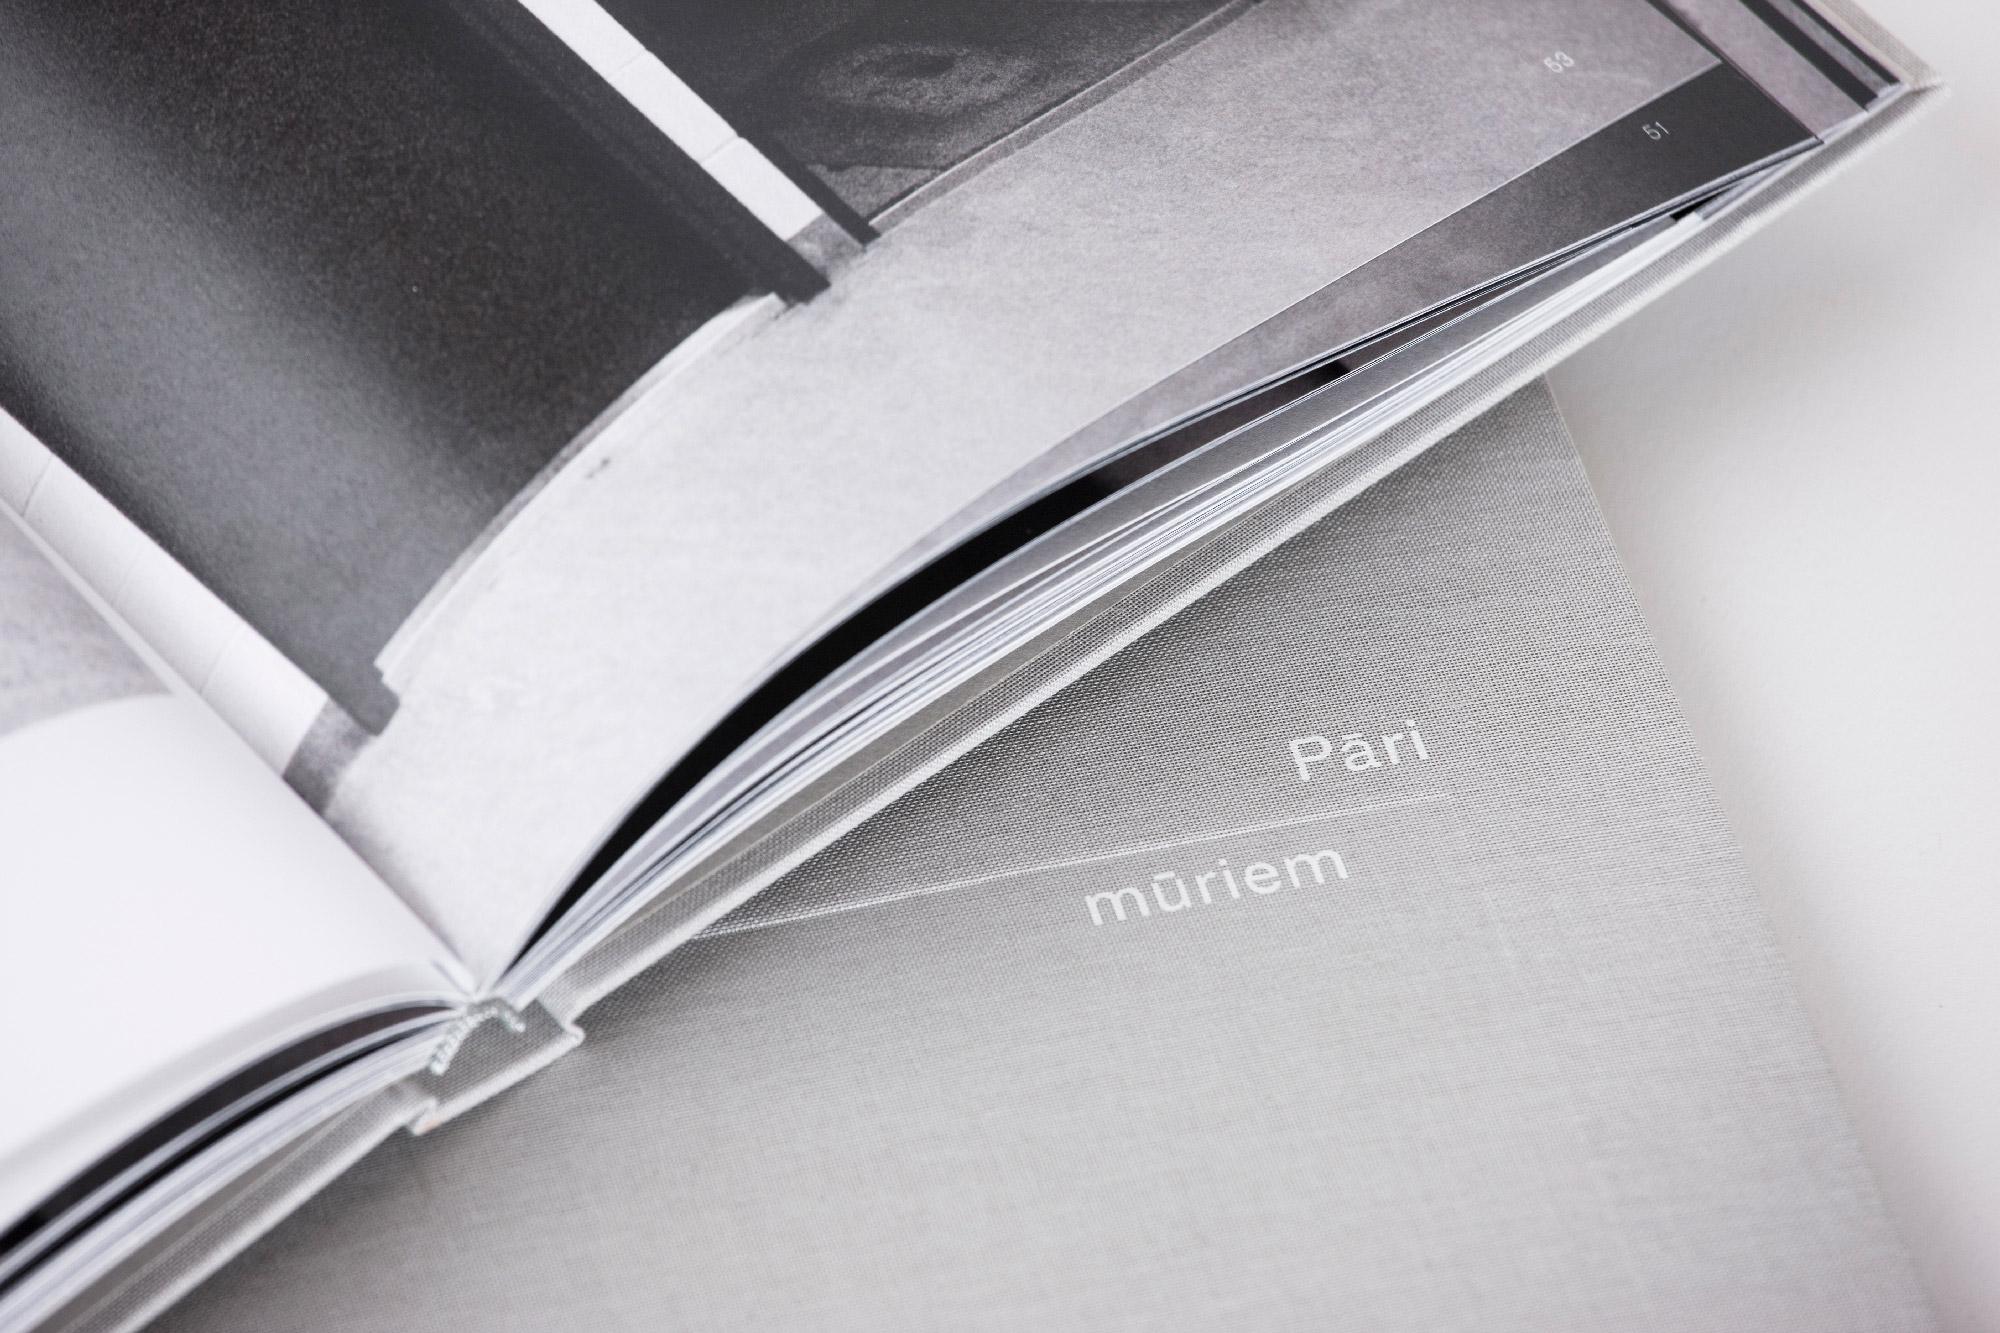 pari muriem edition livre jeremie jung